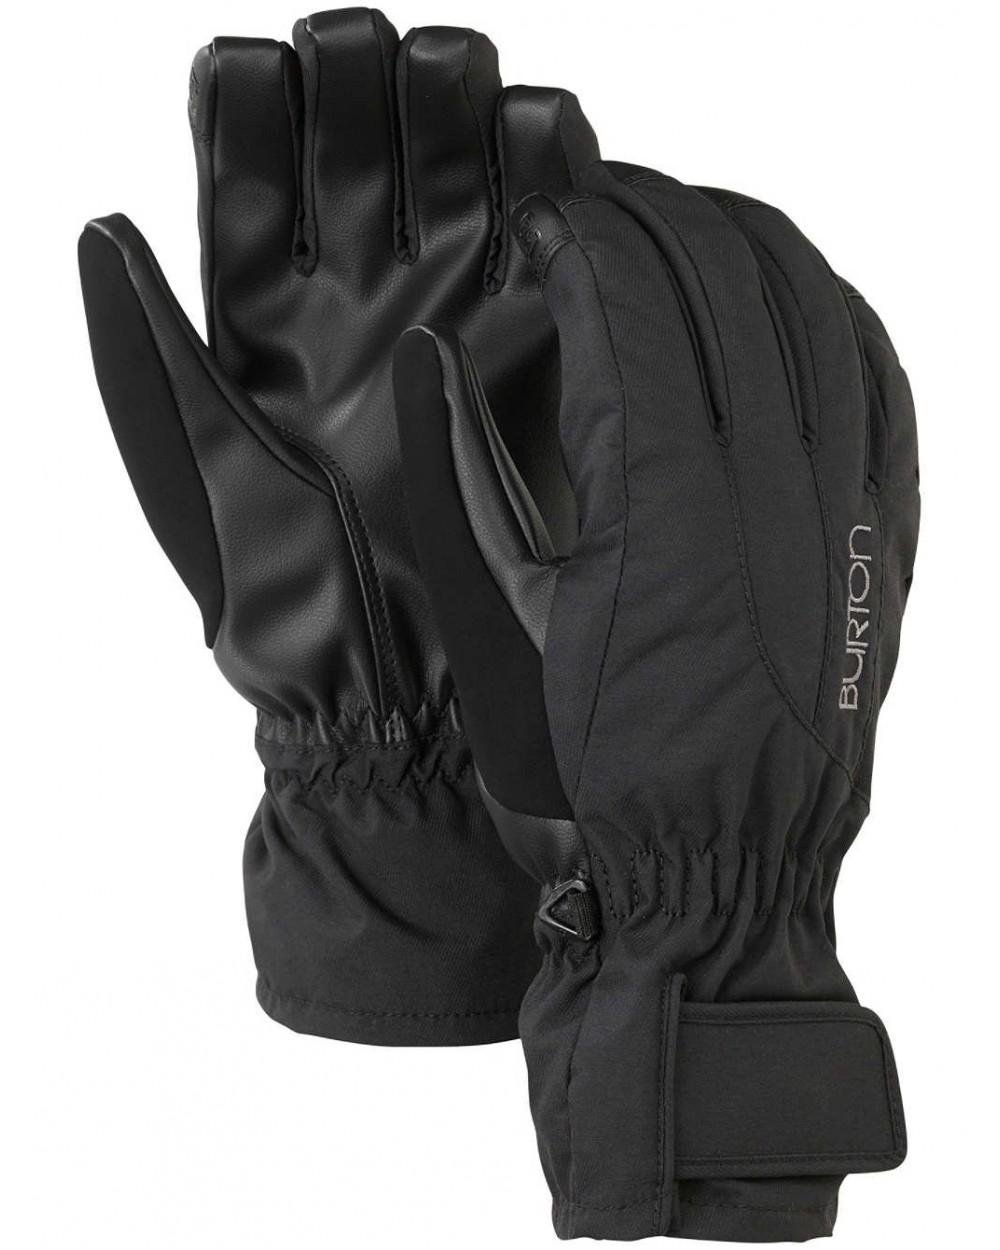 Burton Women's Profile Under Glove - True Black